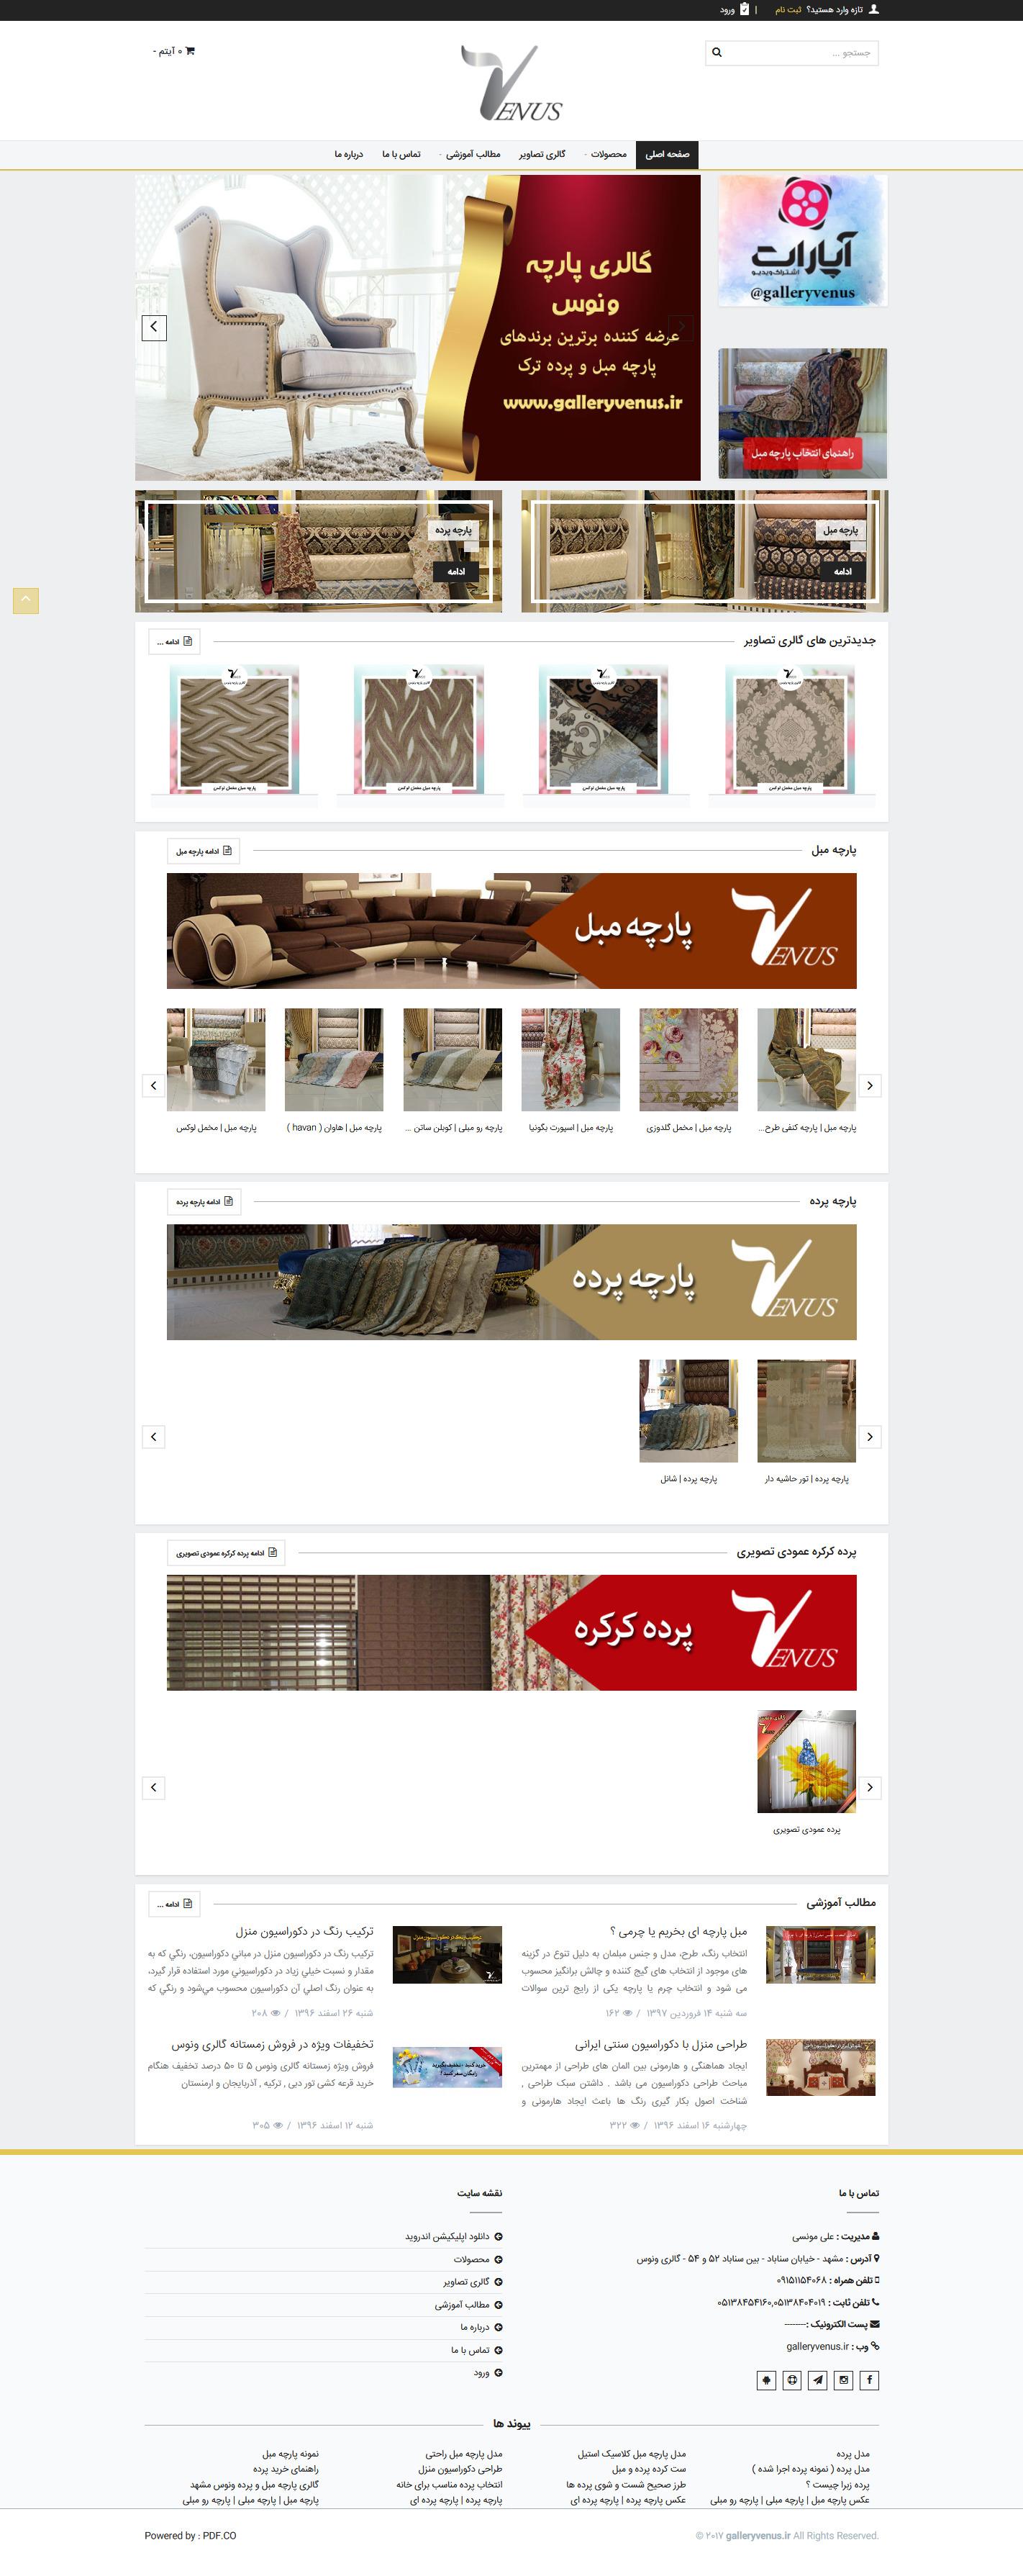 سایت گالری پارچه مبل و پارچه ونوس